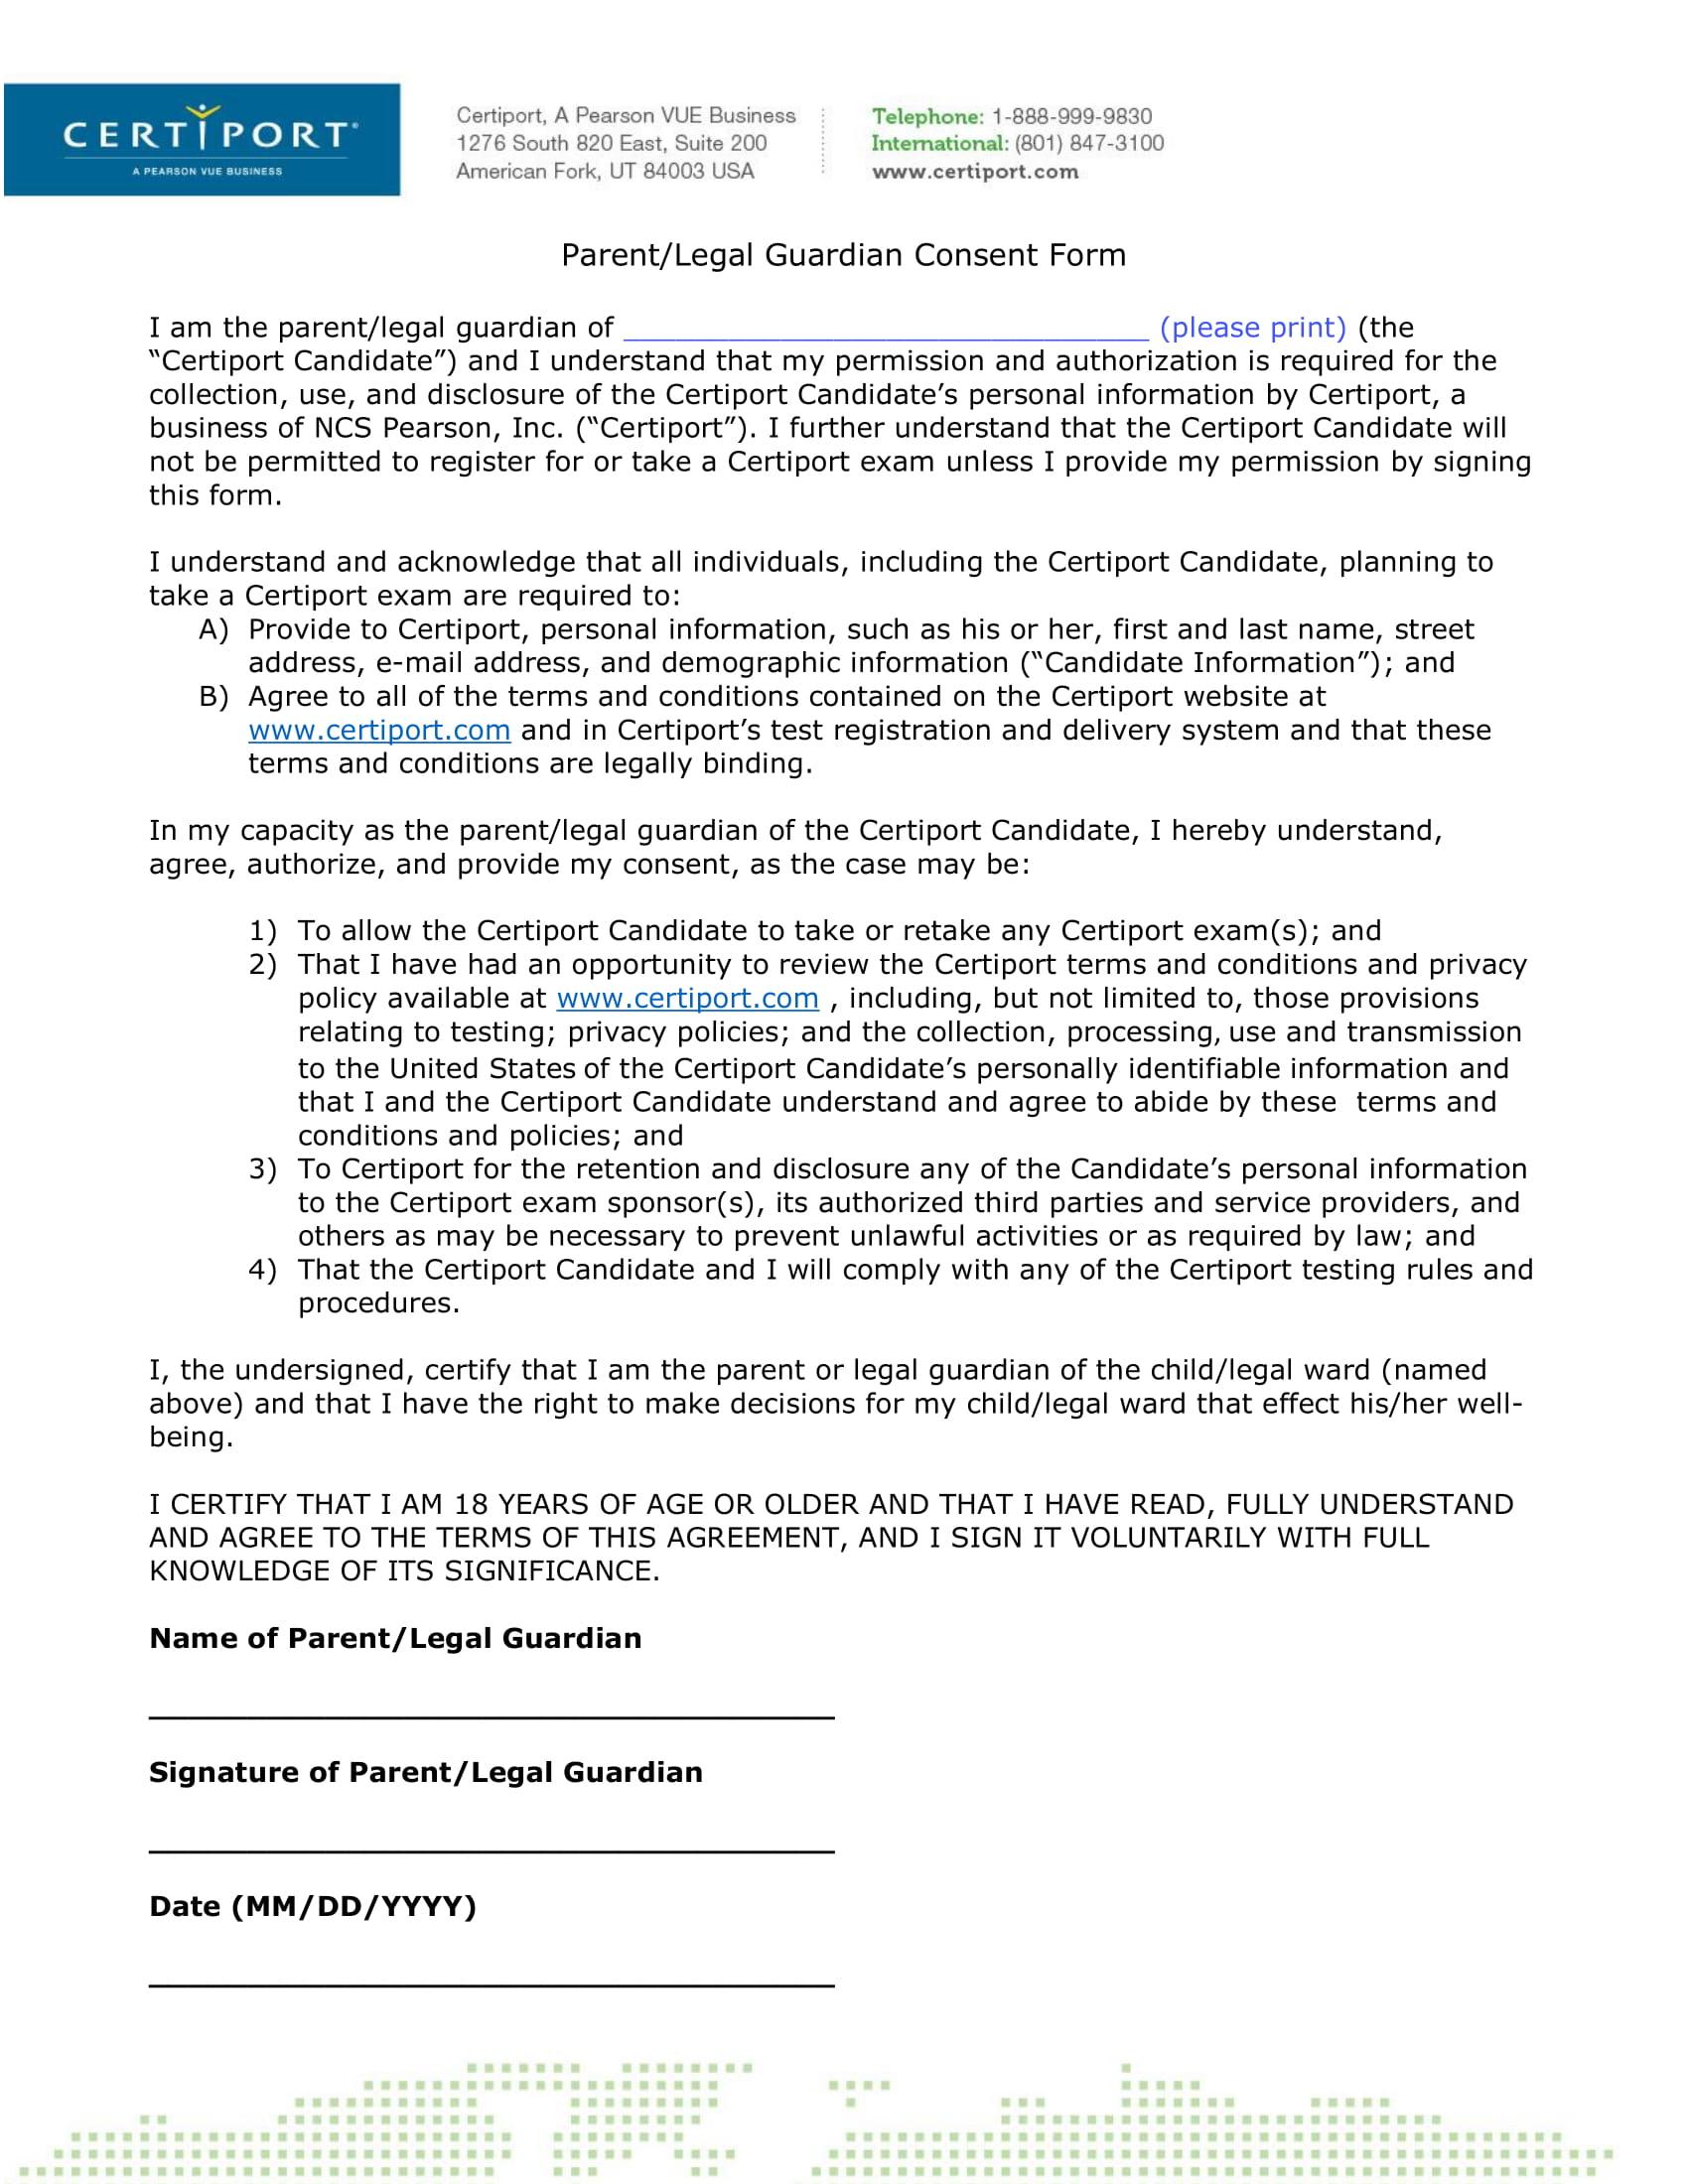 parent or legal guardian consent form 1